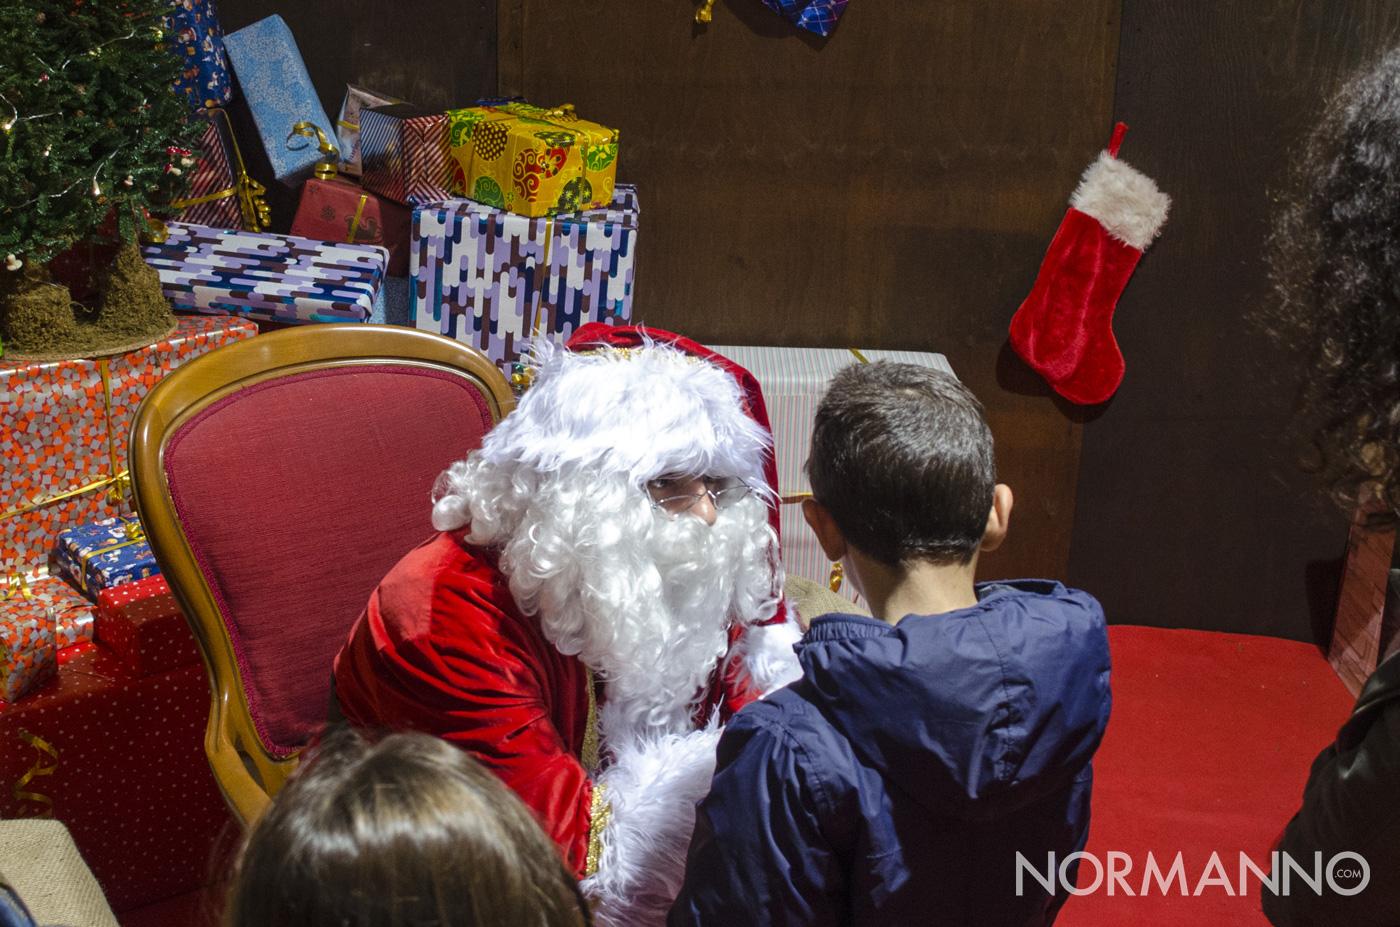 Babbo Natale riceve i bambini per raccogliere le letterine - Messina